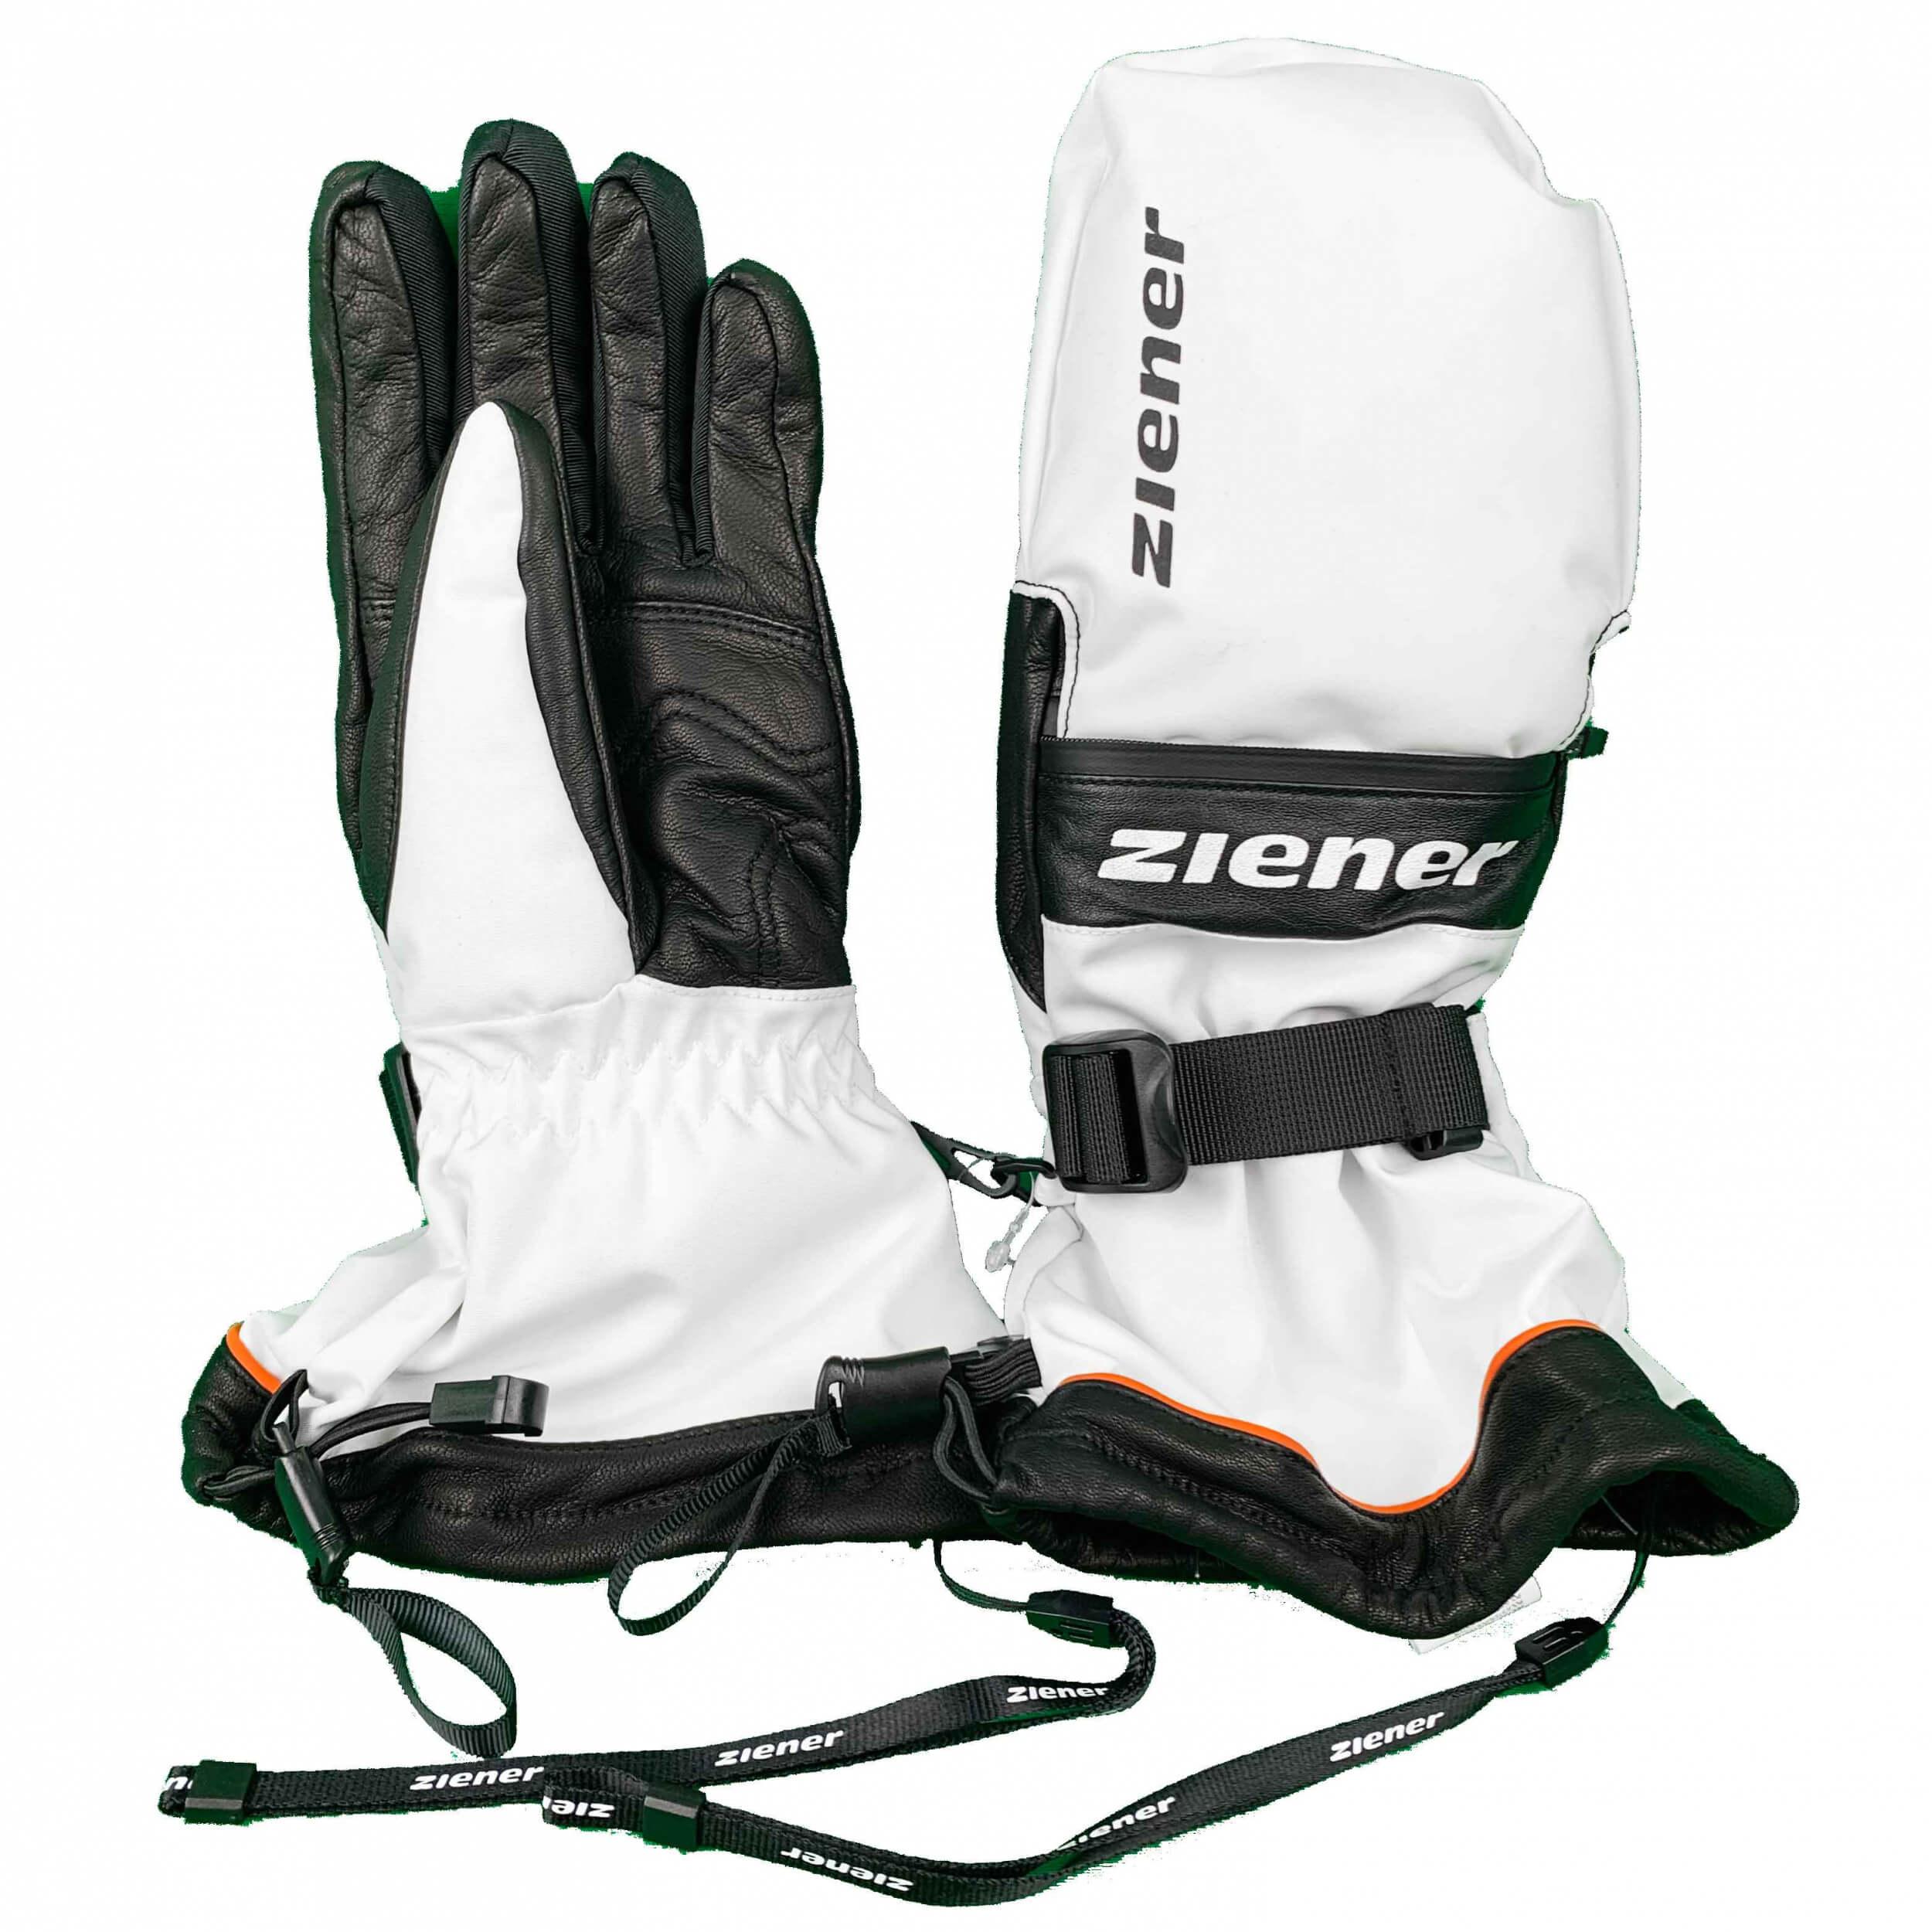 ZIENER Ski Handschuhe extra warm Gallin DCS 01 weiß DSV